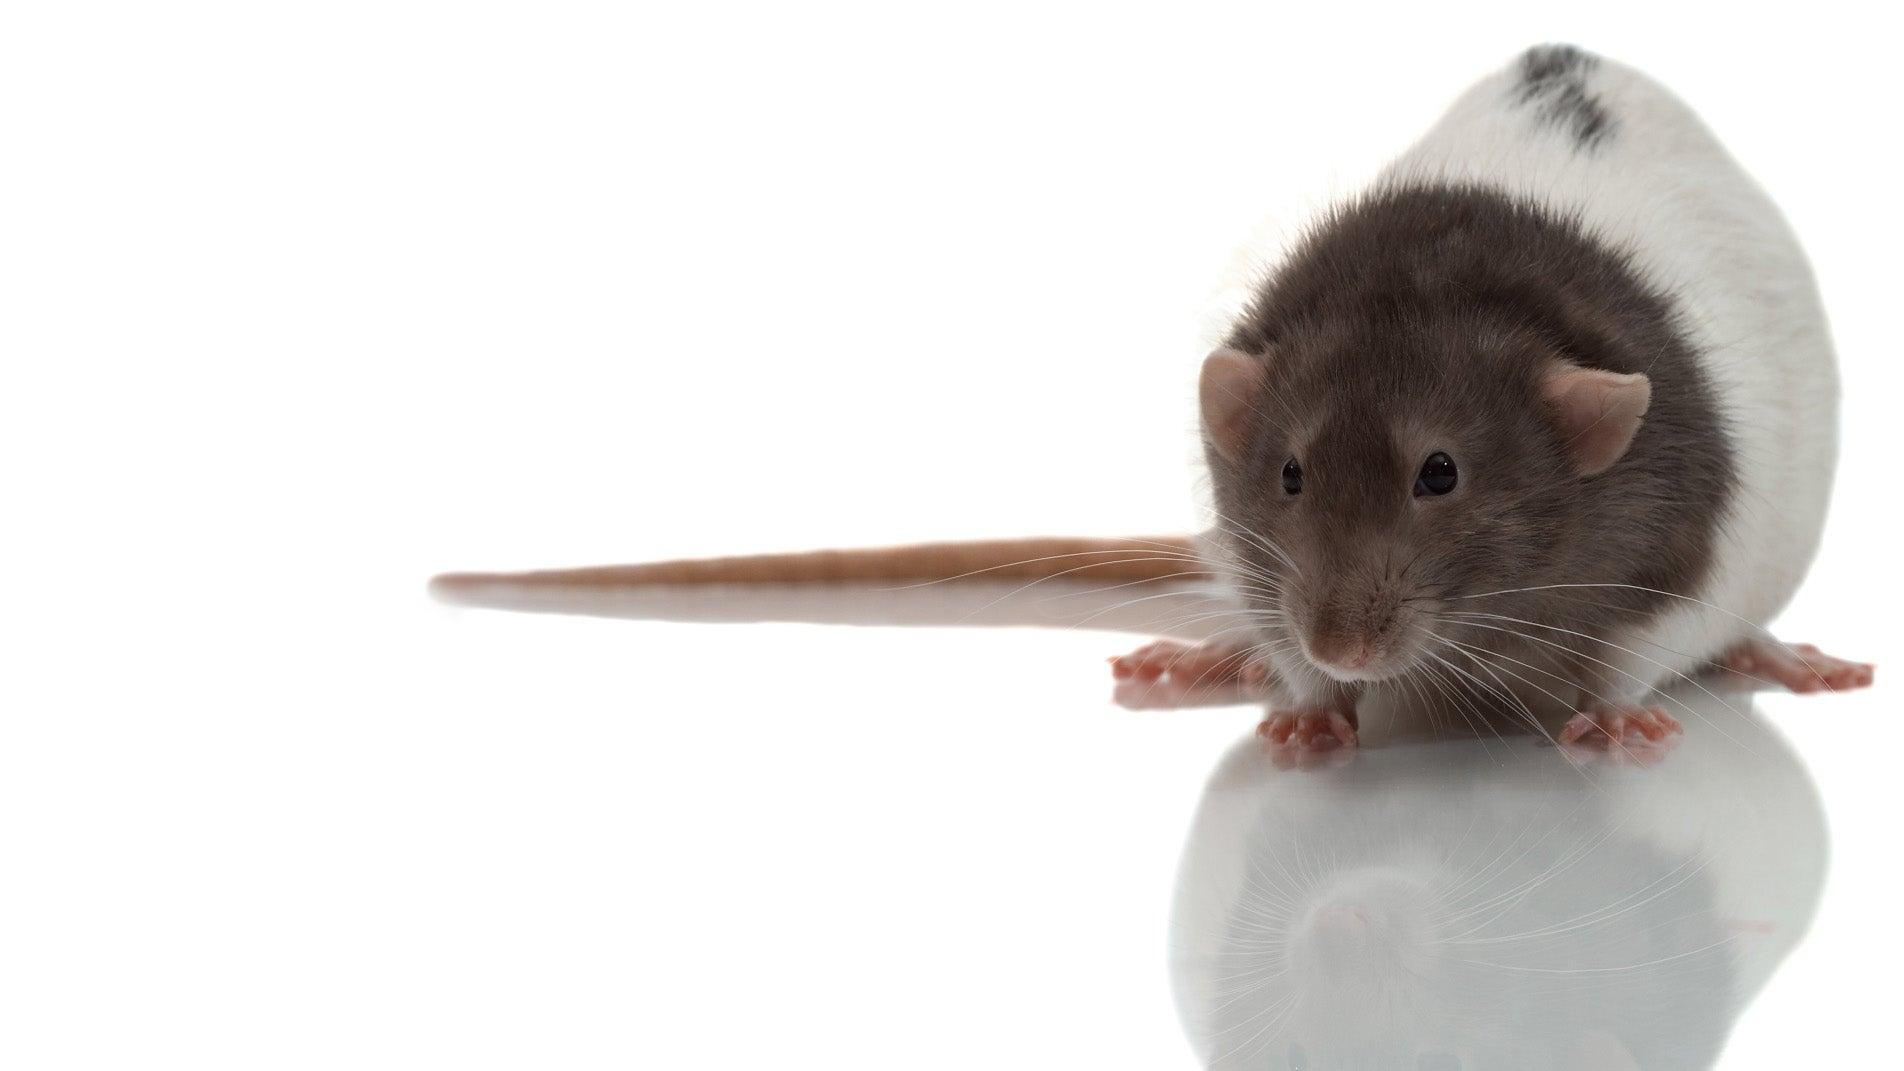 Petco Rats 'Rat Bite F...